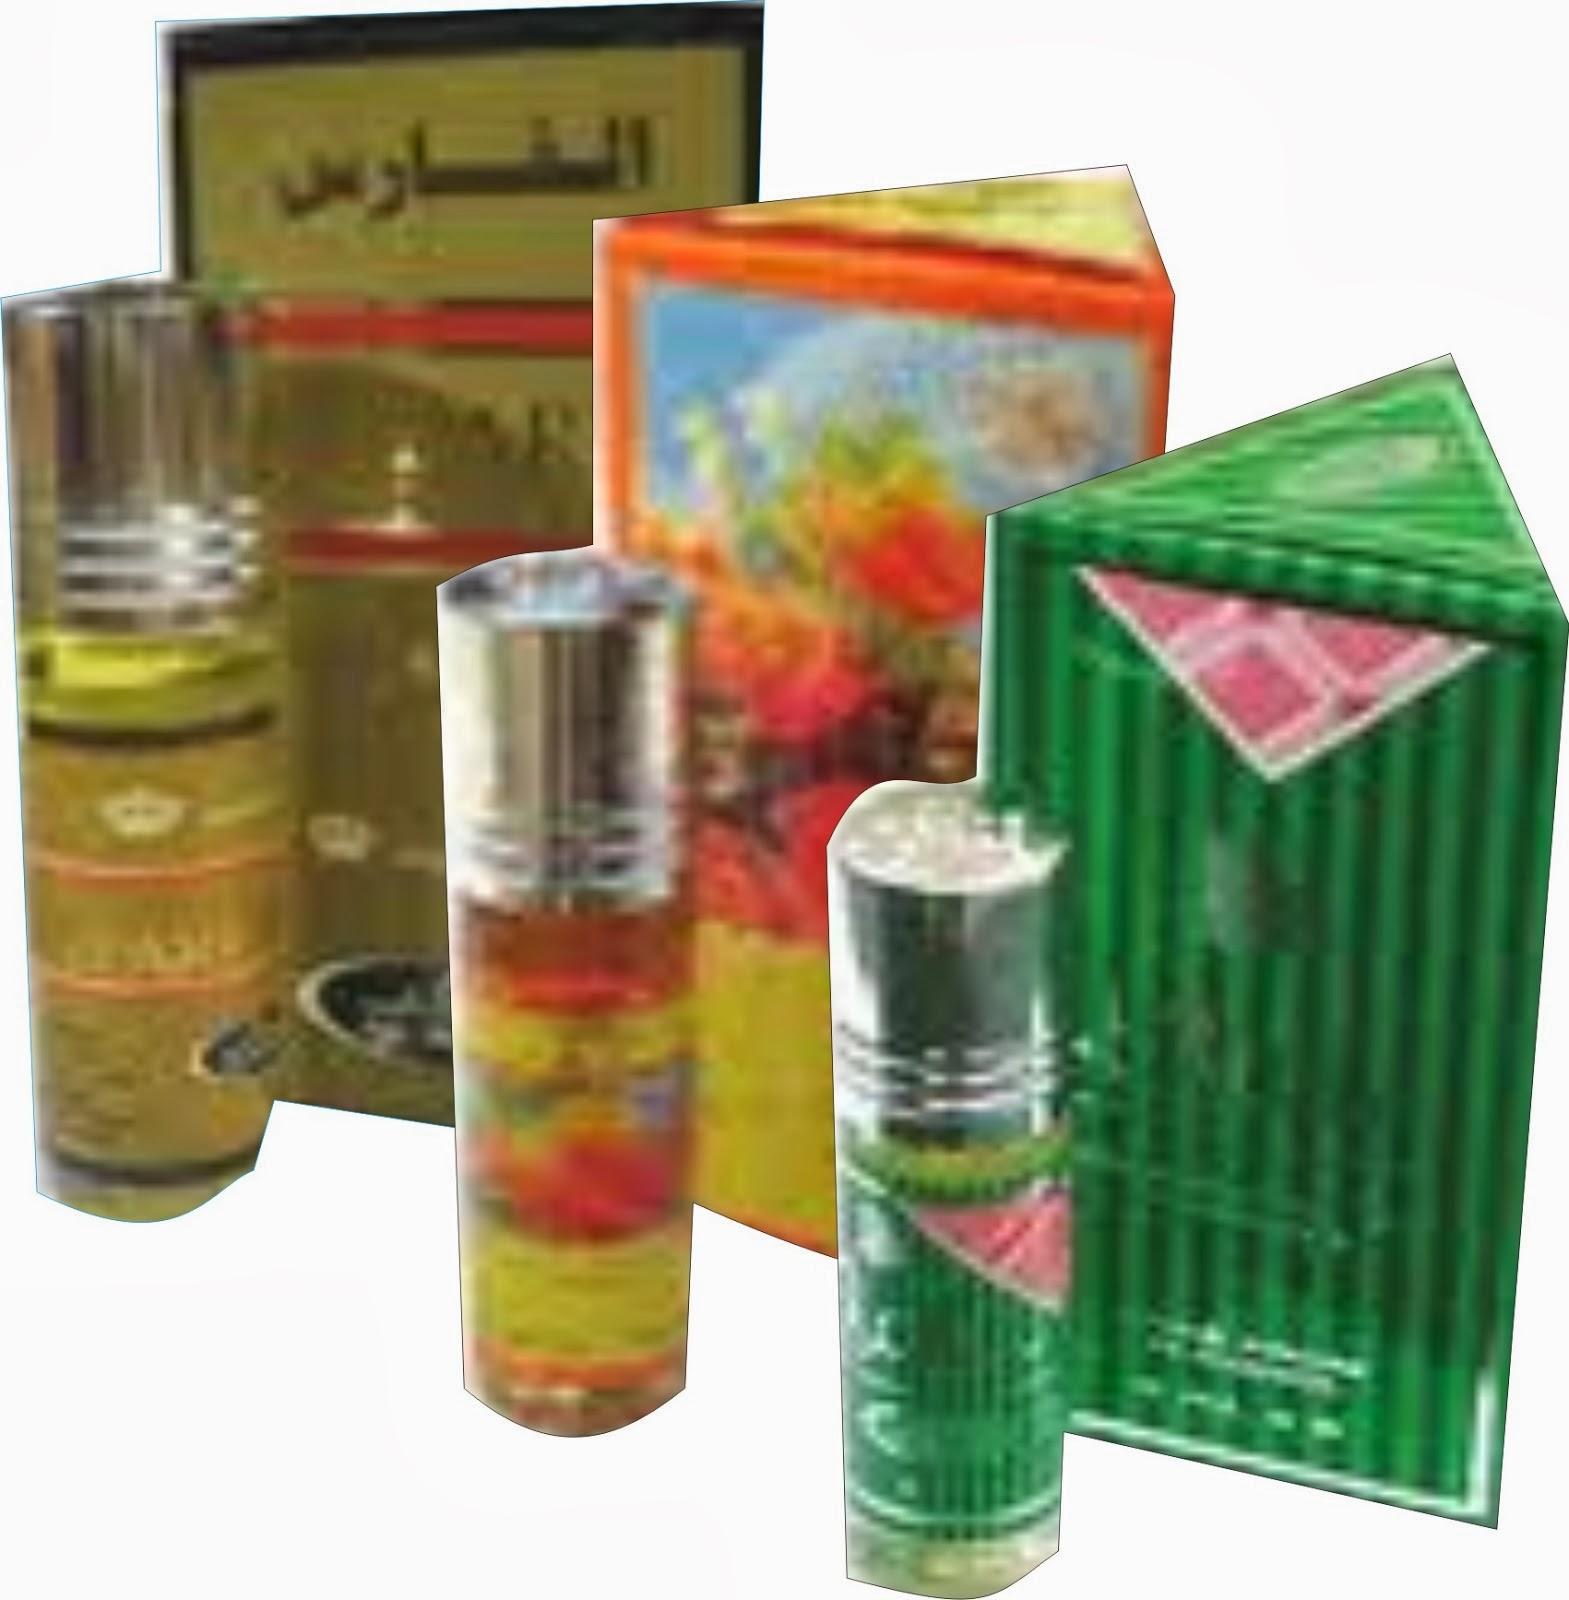 Husna Shop Online Grosir Parfum Al Rehab Murah Import Pafume Ini Merupakan Dari Saudi Arabia Memiliki Banyak Aroma Pilihan Dan Masalah Harga Sangat Terjangkau Jauh